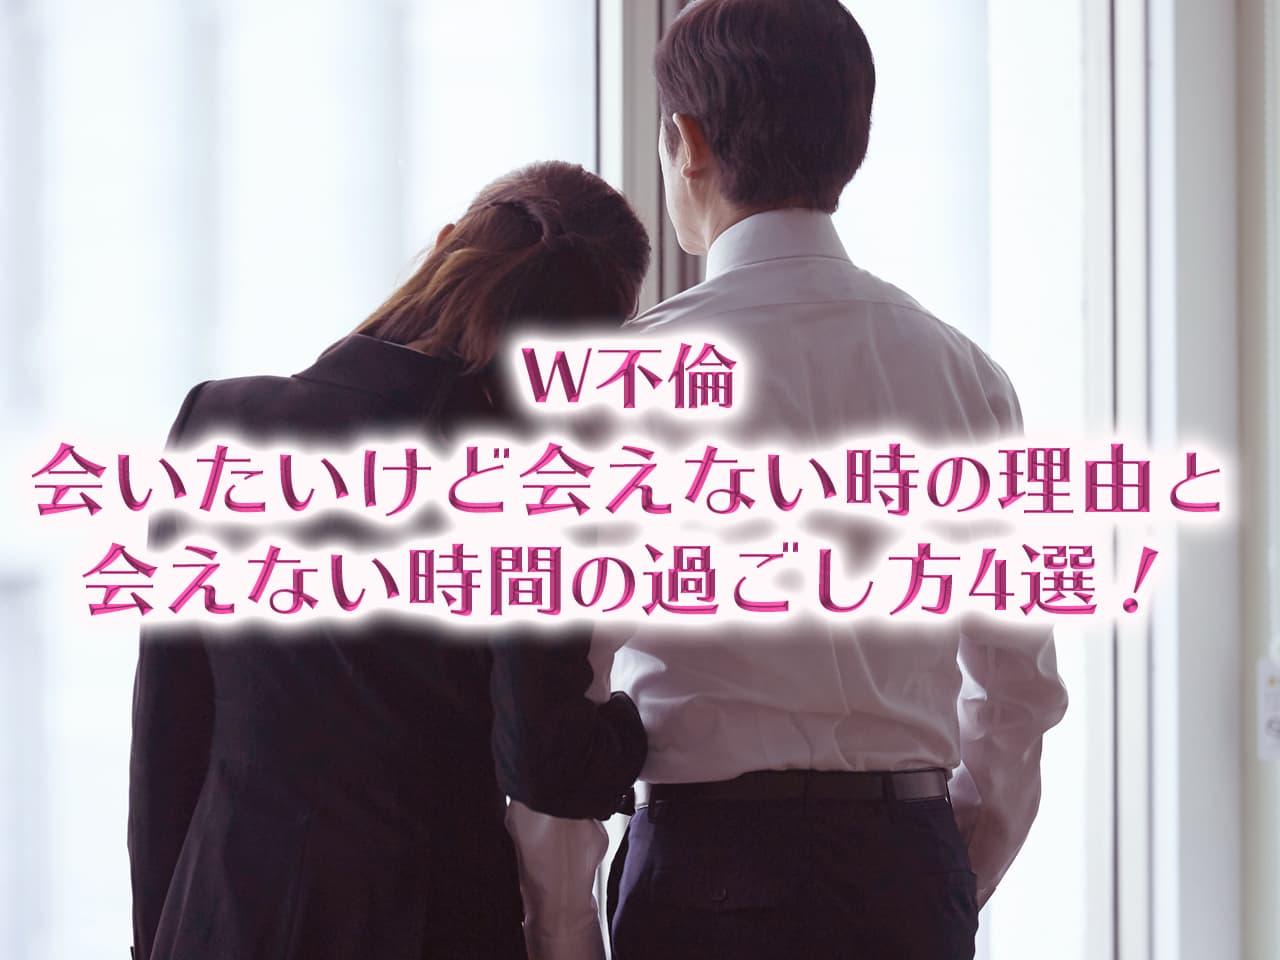 【W不倫】会いたいけど会えない時の理由と会えない時間の過ごし方4選!